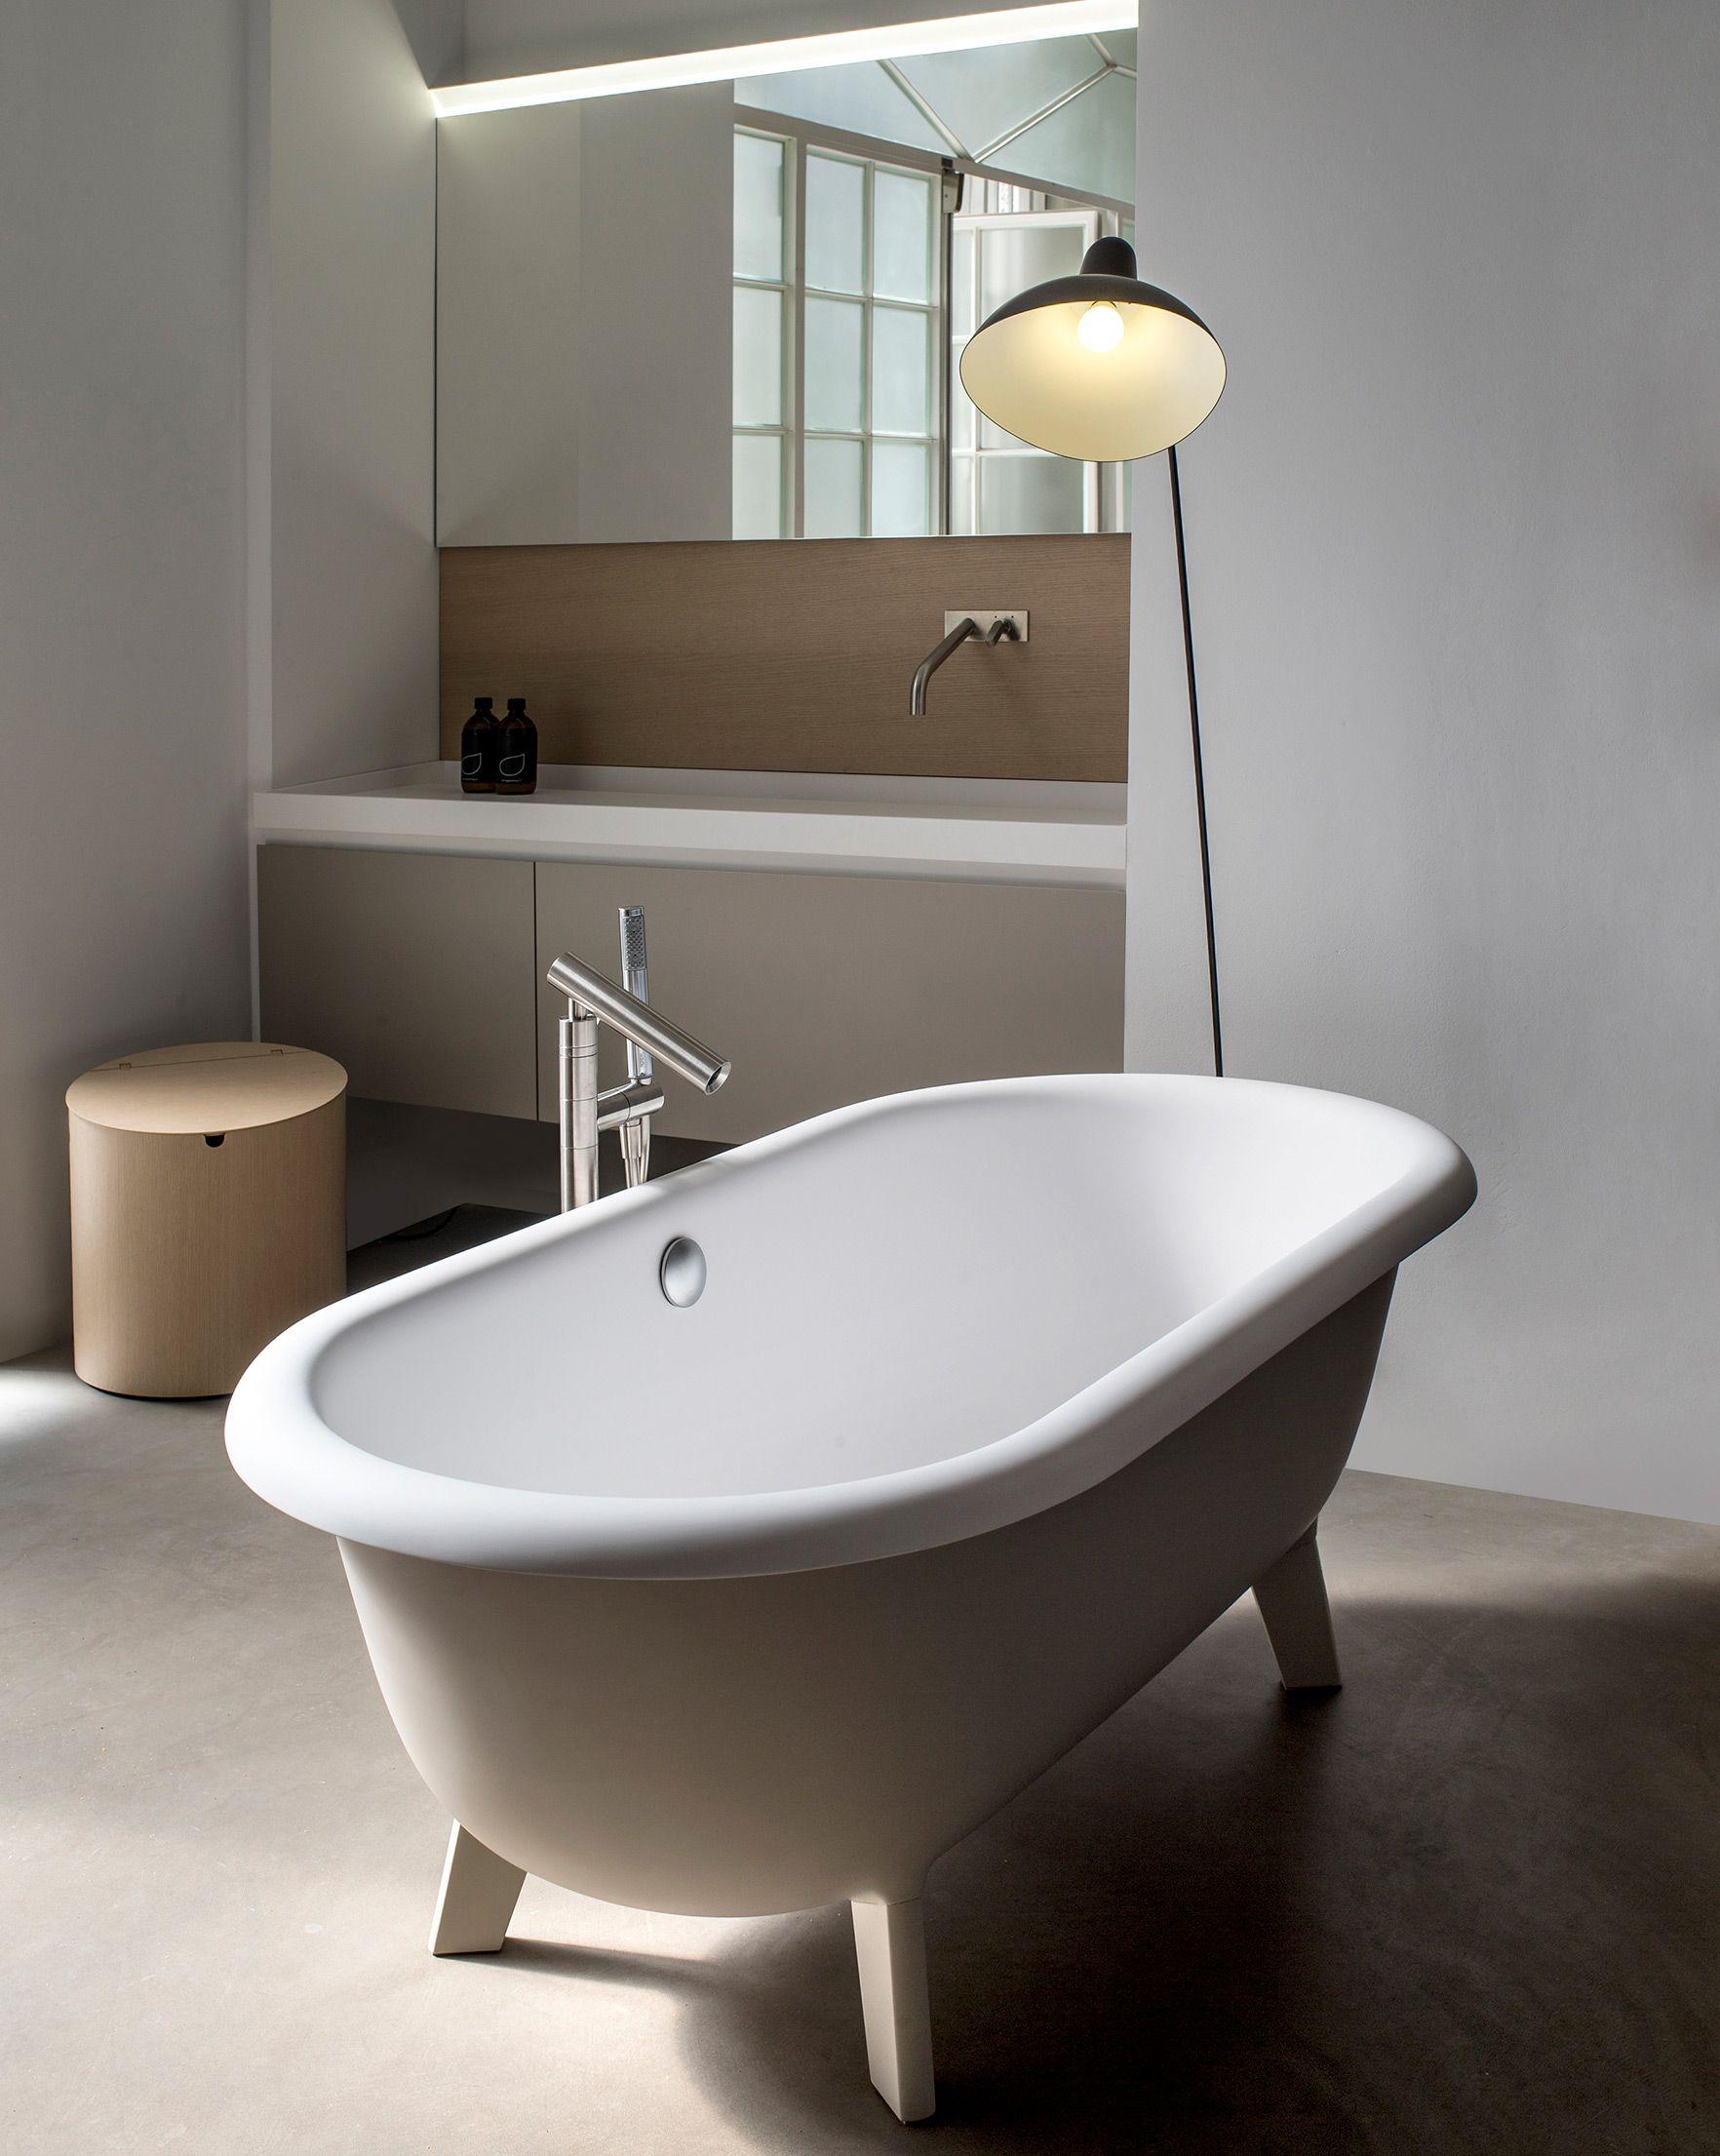 15 Vasche Da Bagno Piccole Foto Living Corriere La Casa Di